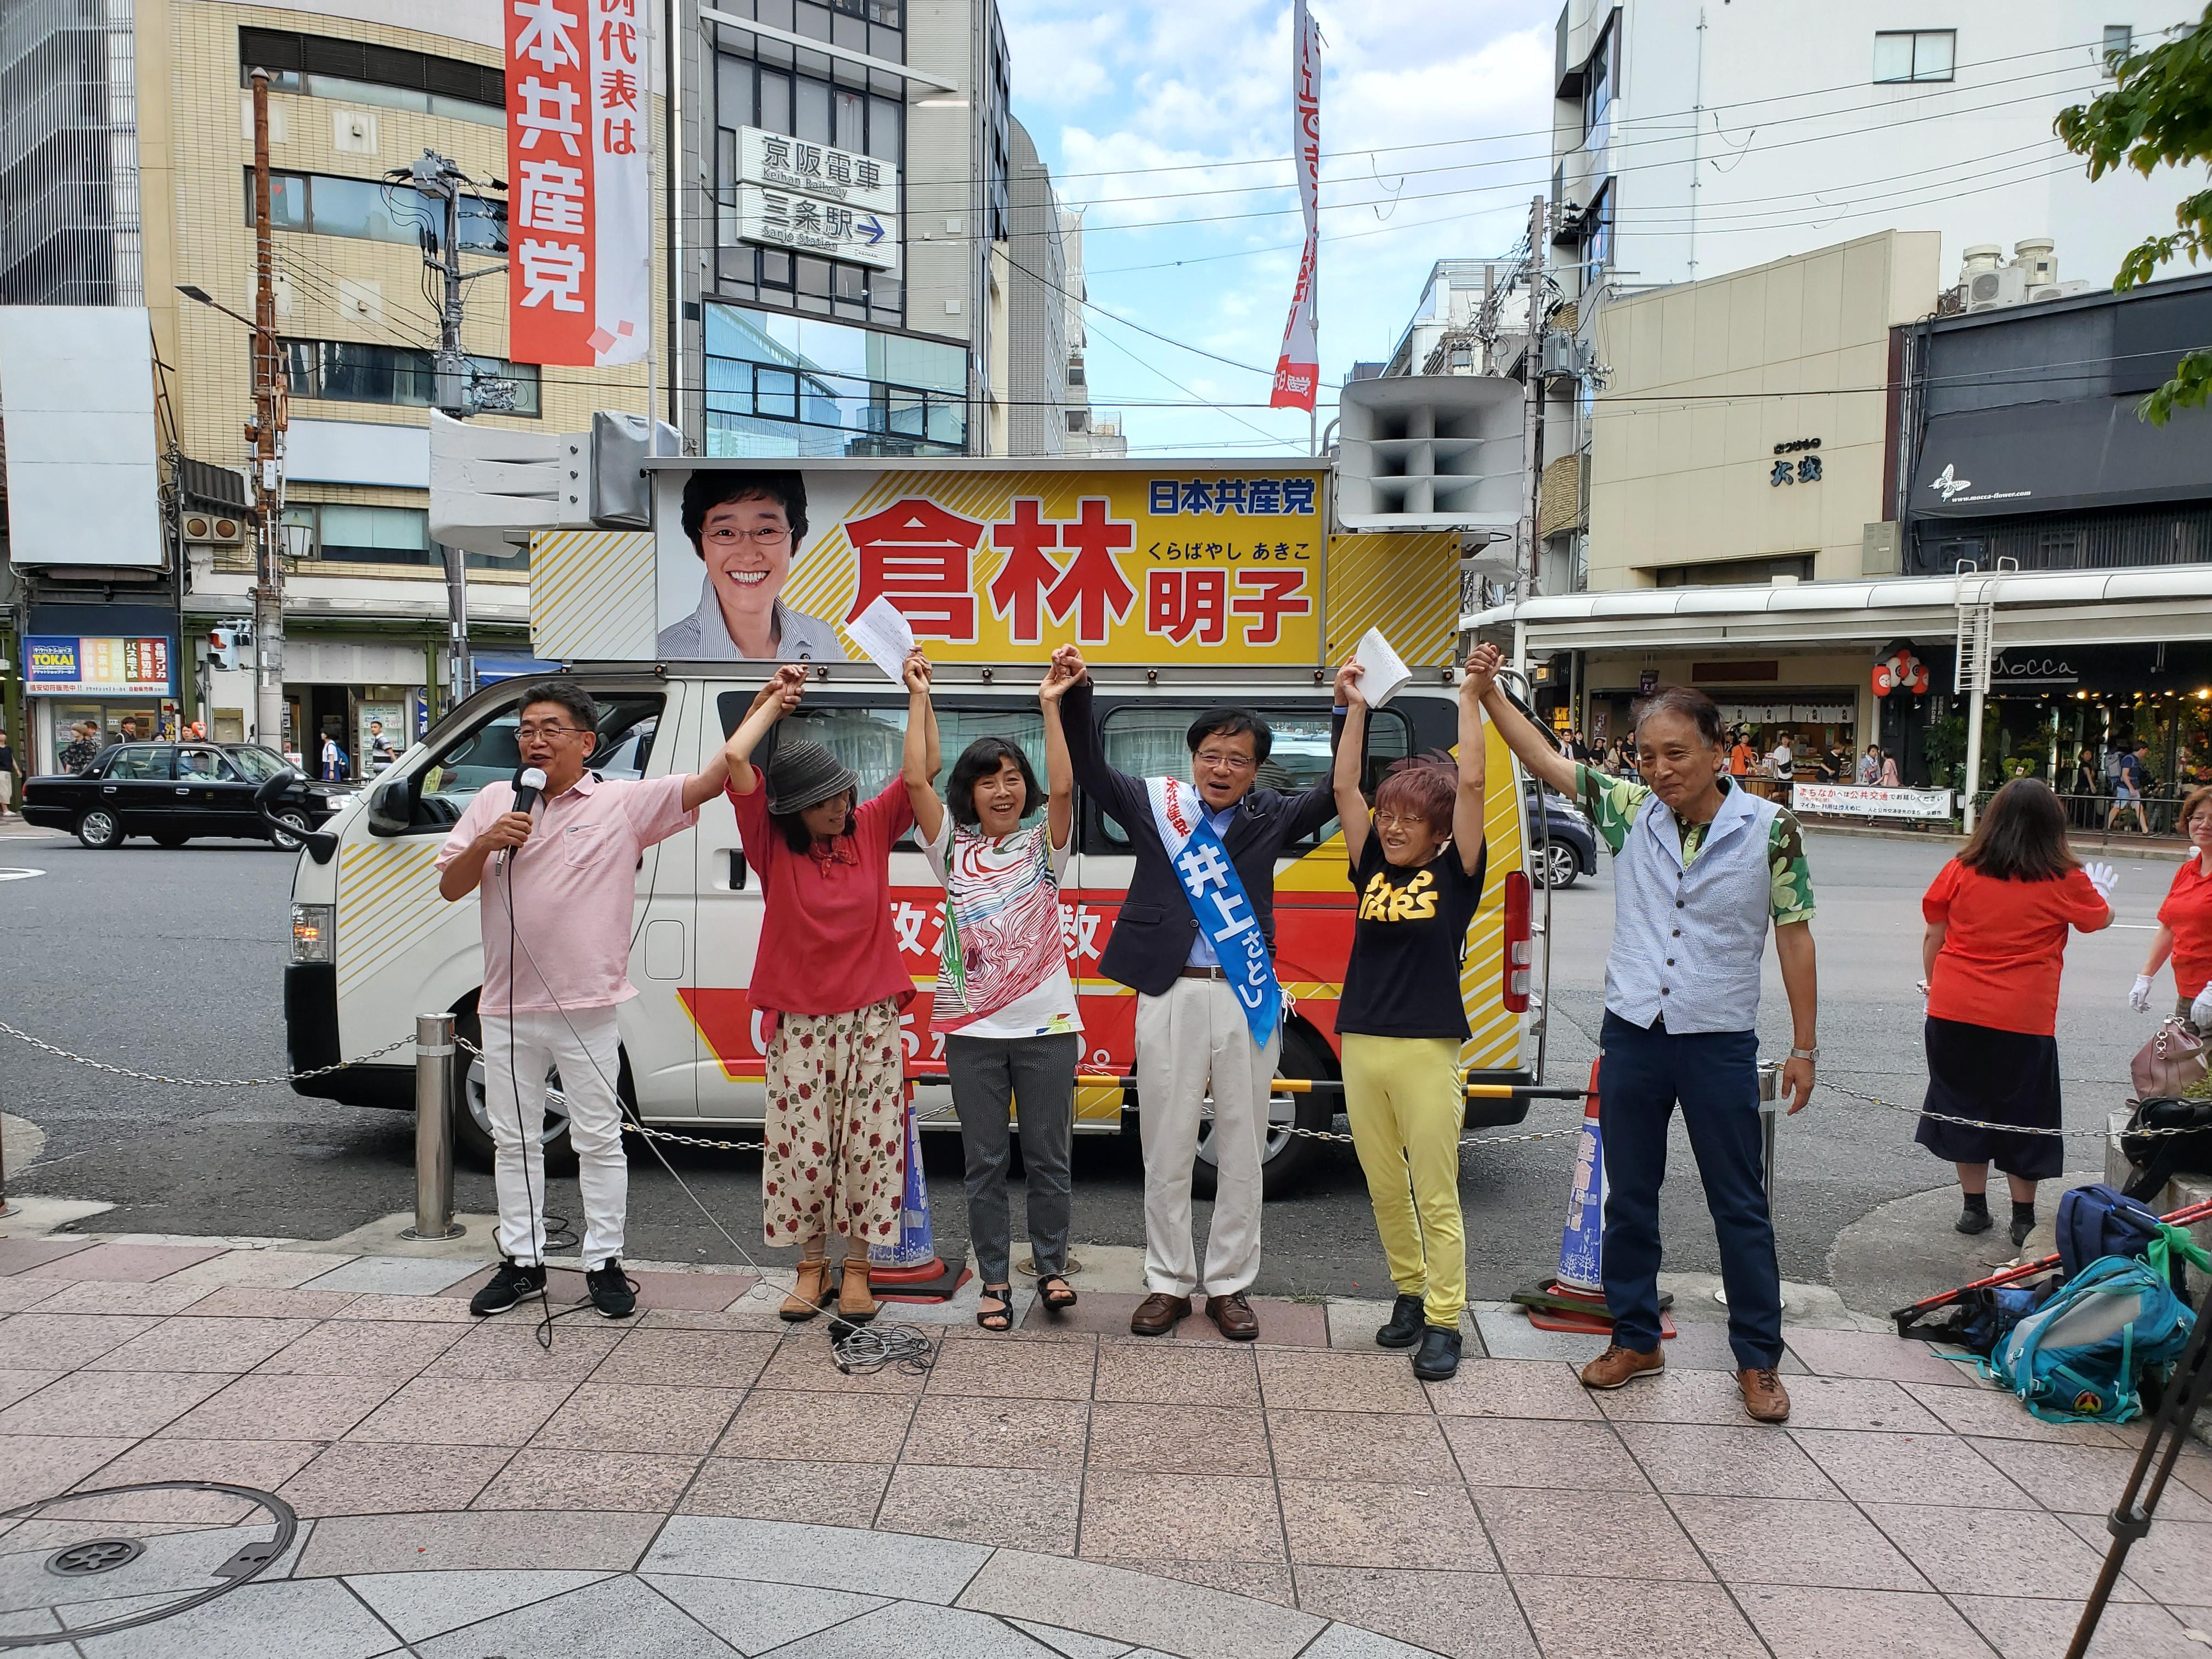 http://www.inoue-satoshi.com/diary/20190707_163708.jpg